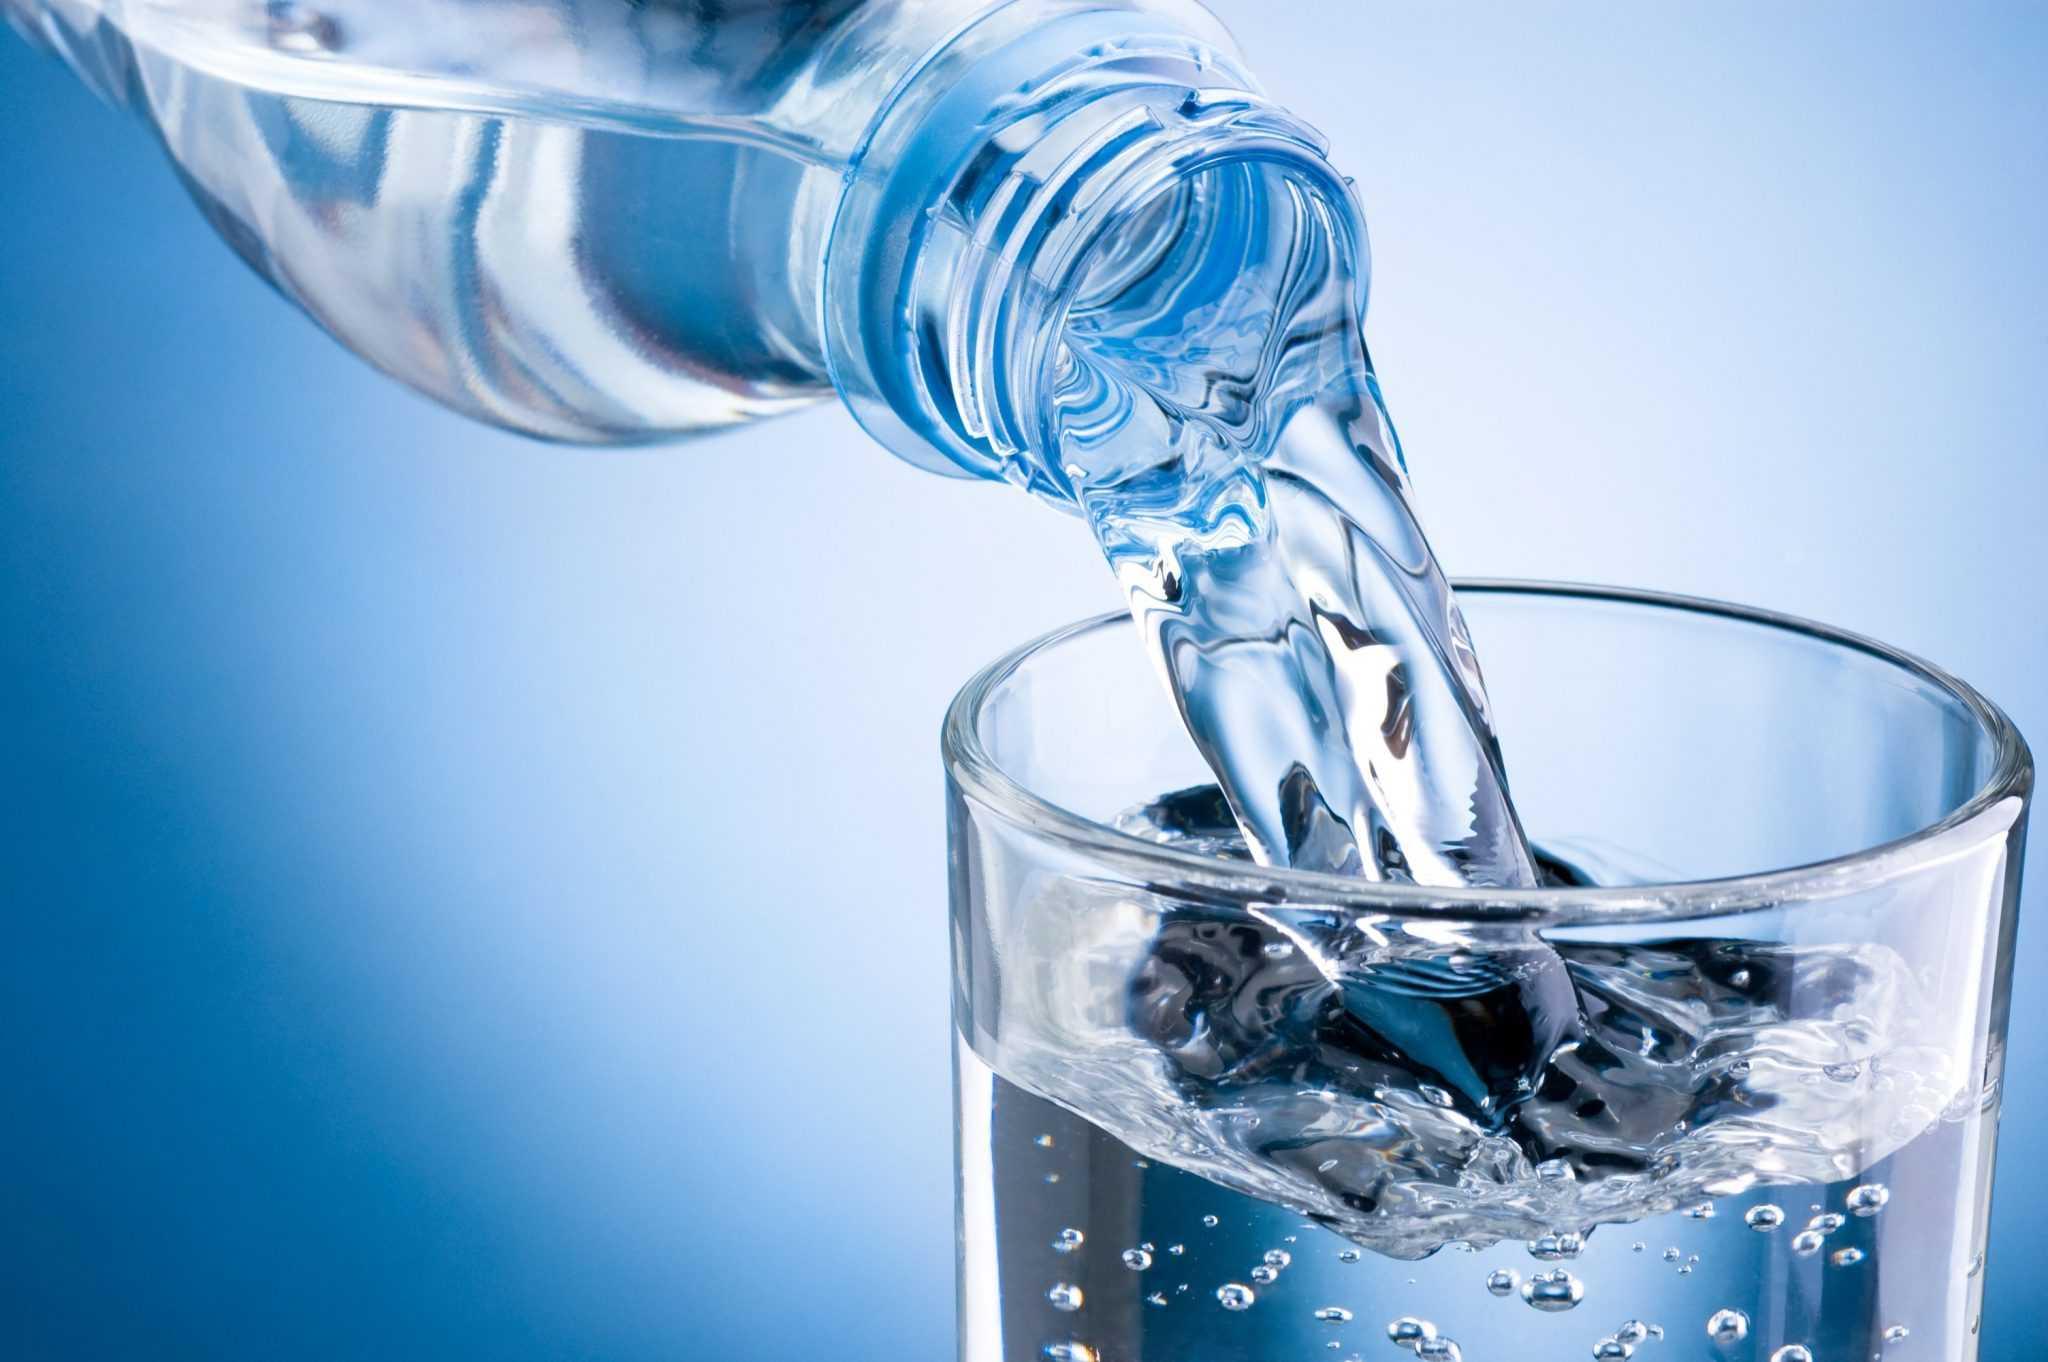 """Щелочная вода: если вы попались на эту """"причуду"""", вы можете нанести серьезный ущерб своему здоровью"""